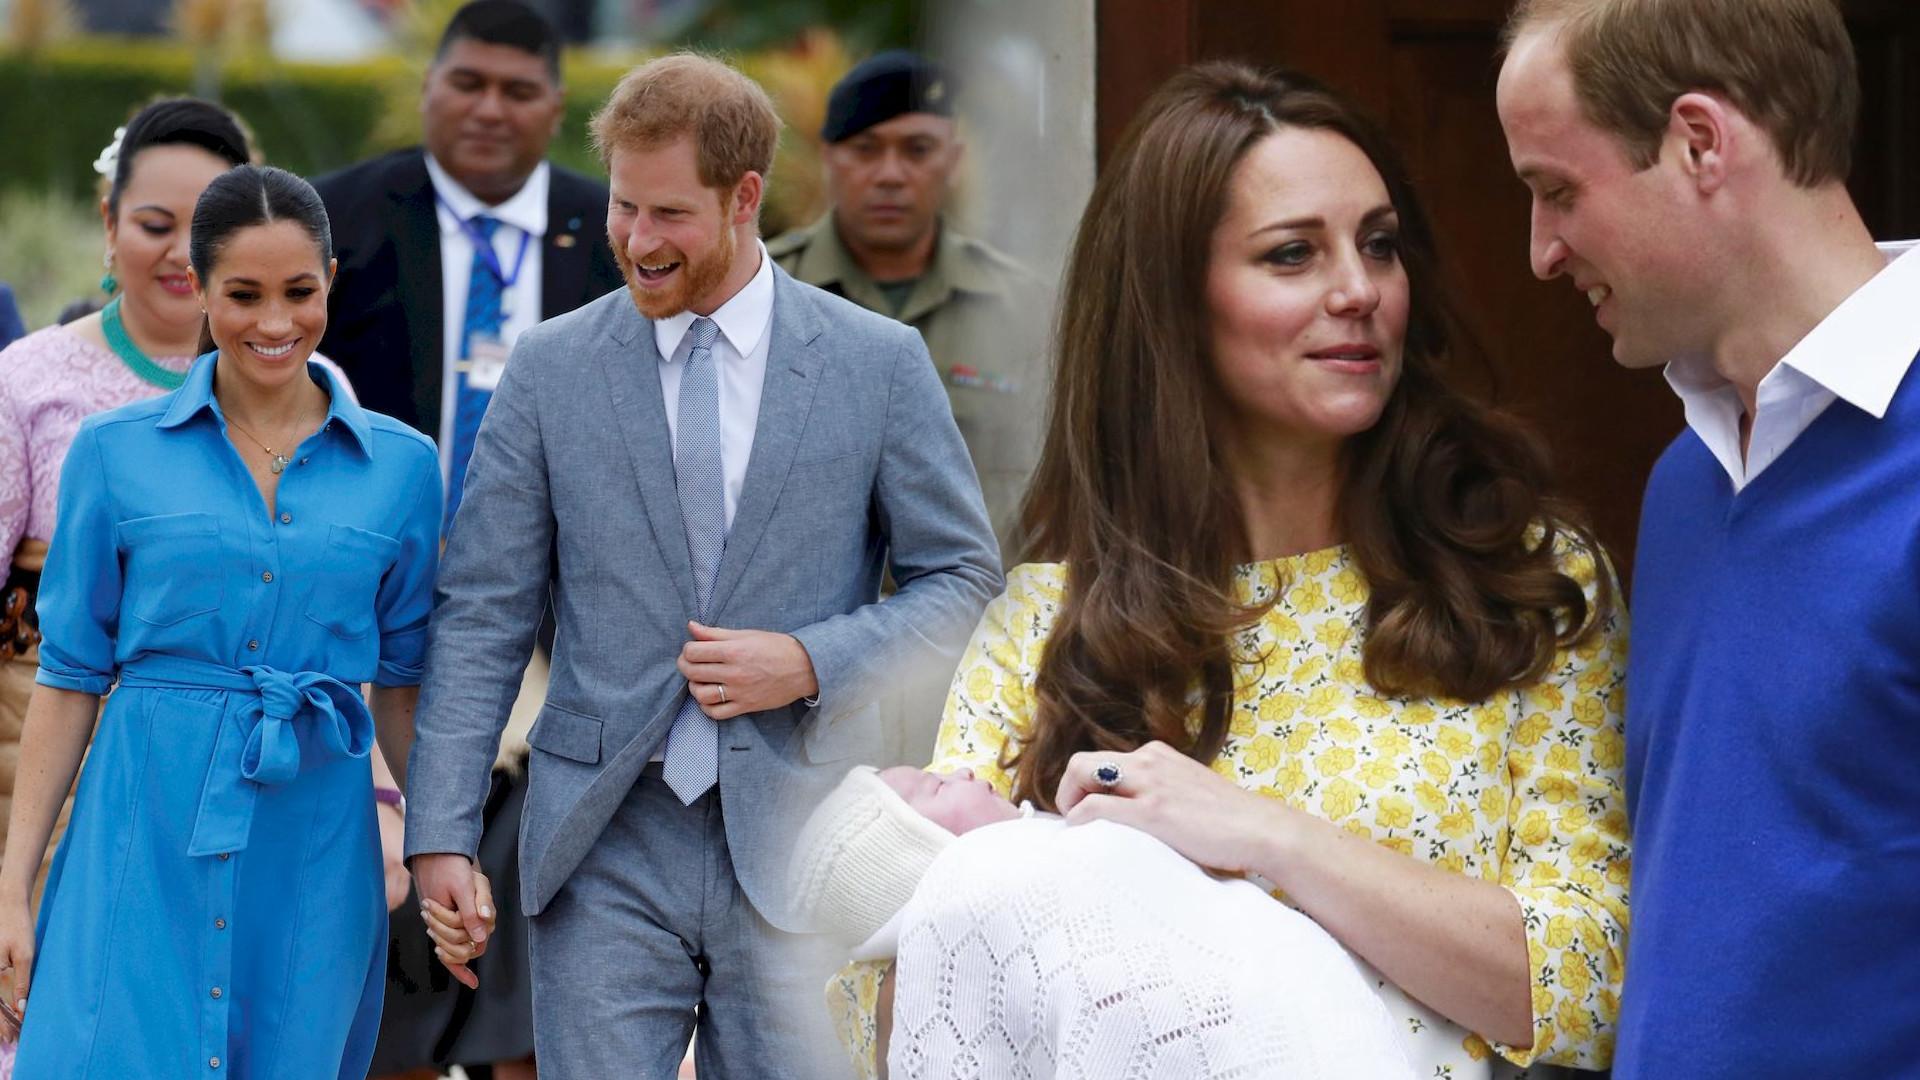 Książę Harry obraził rodzinę Kate Middleton i księcia Williama. To było nietaktowne